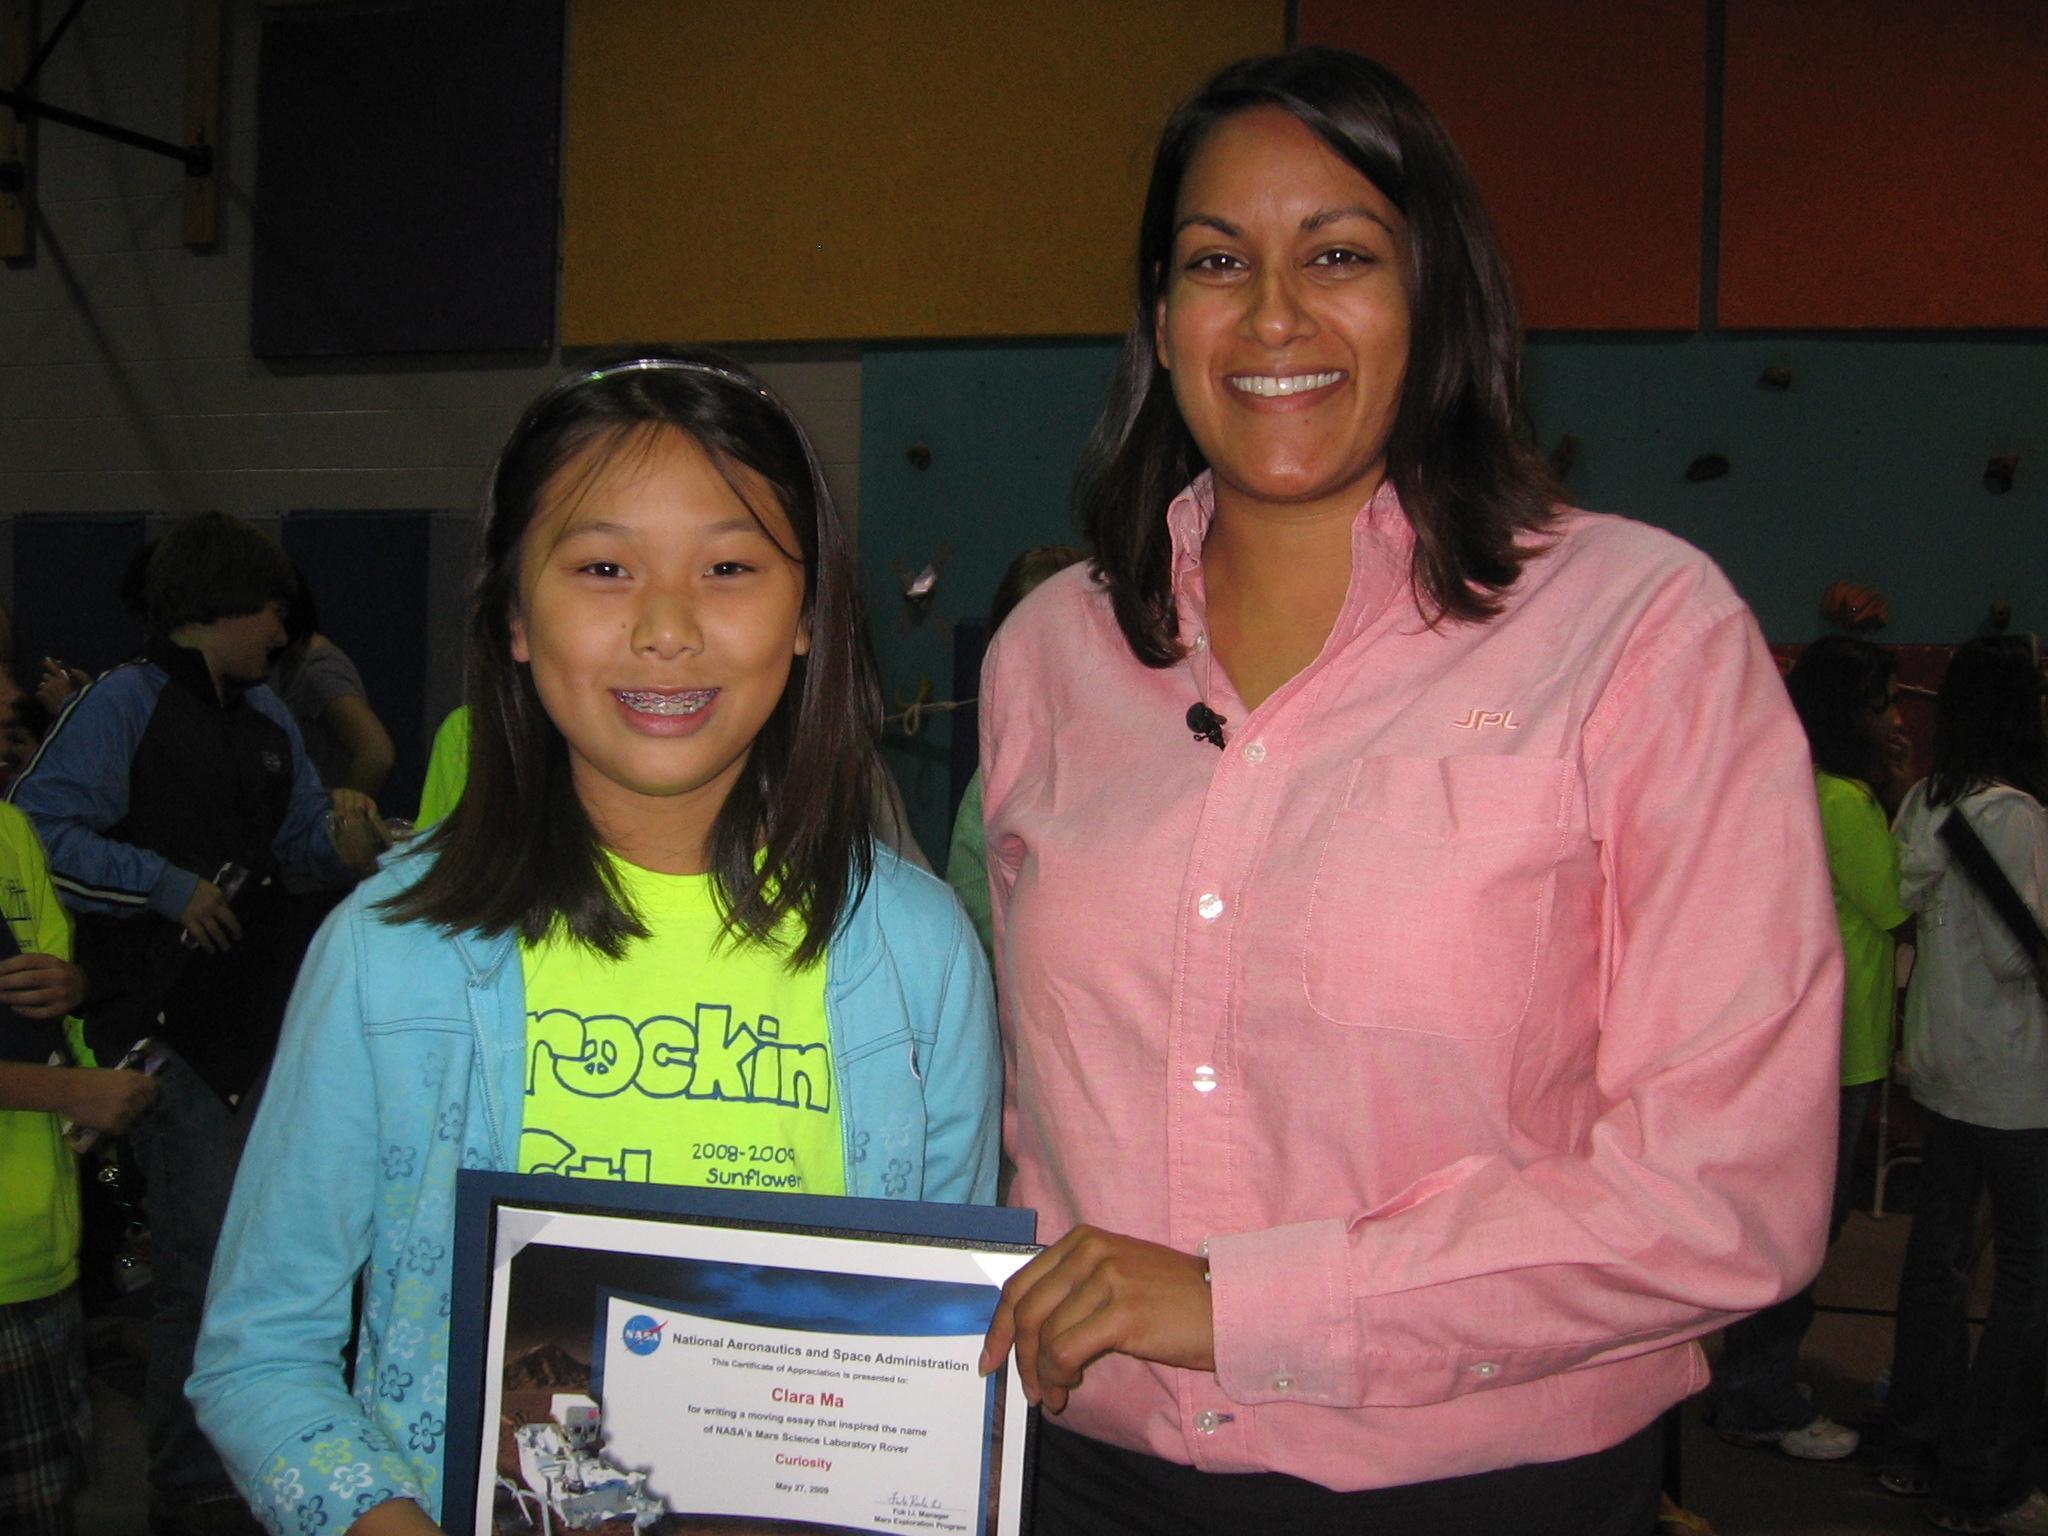 華裔女生馬天琪接受NASA頒獎。(NASA)